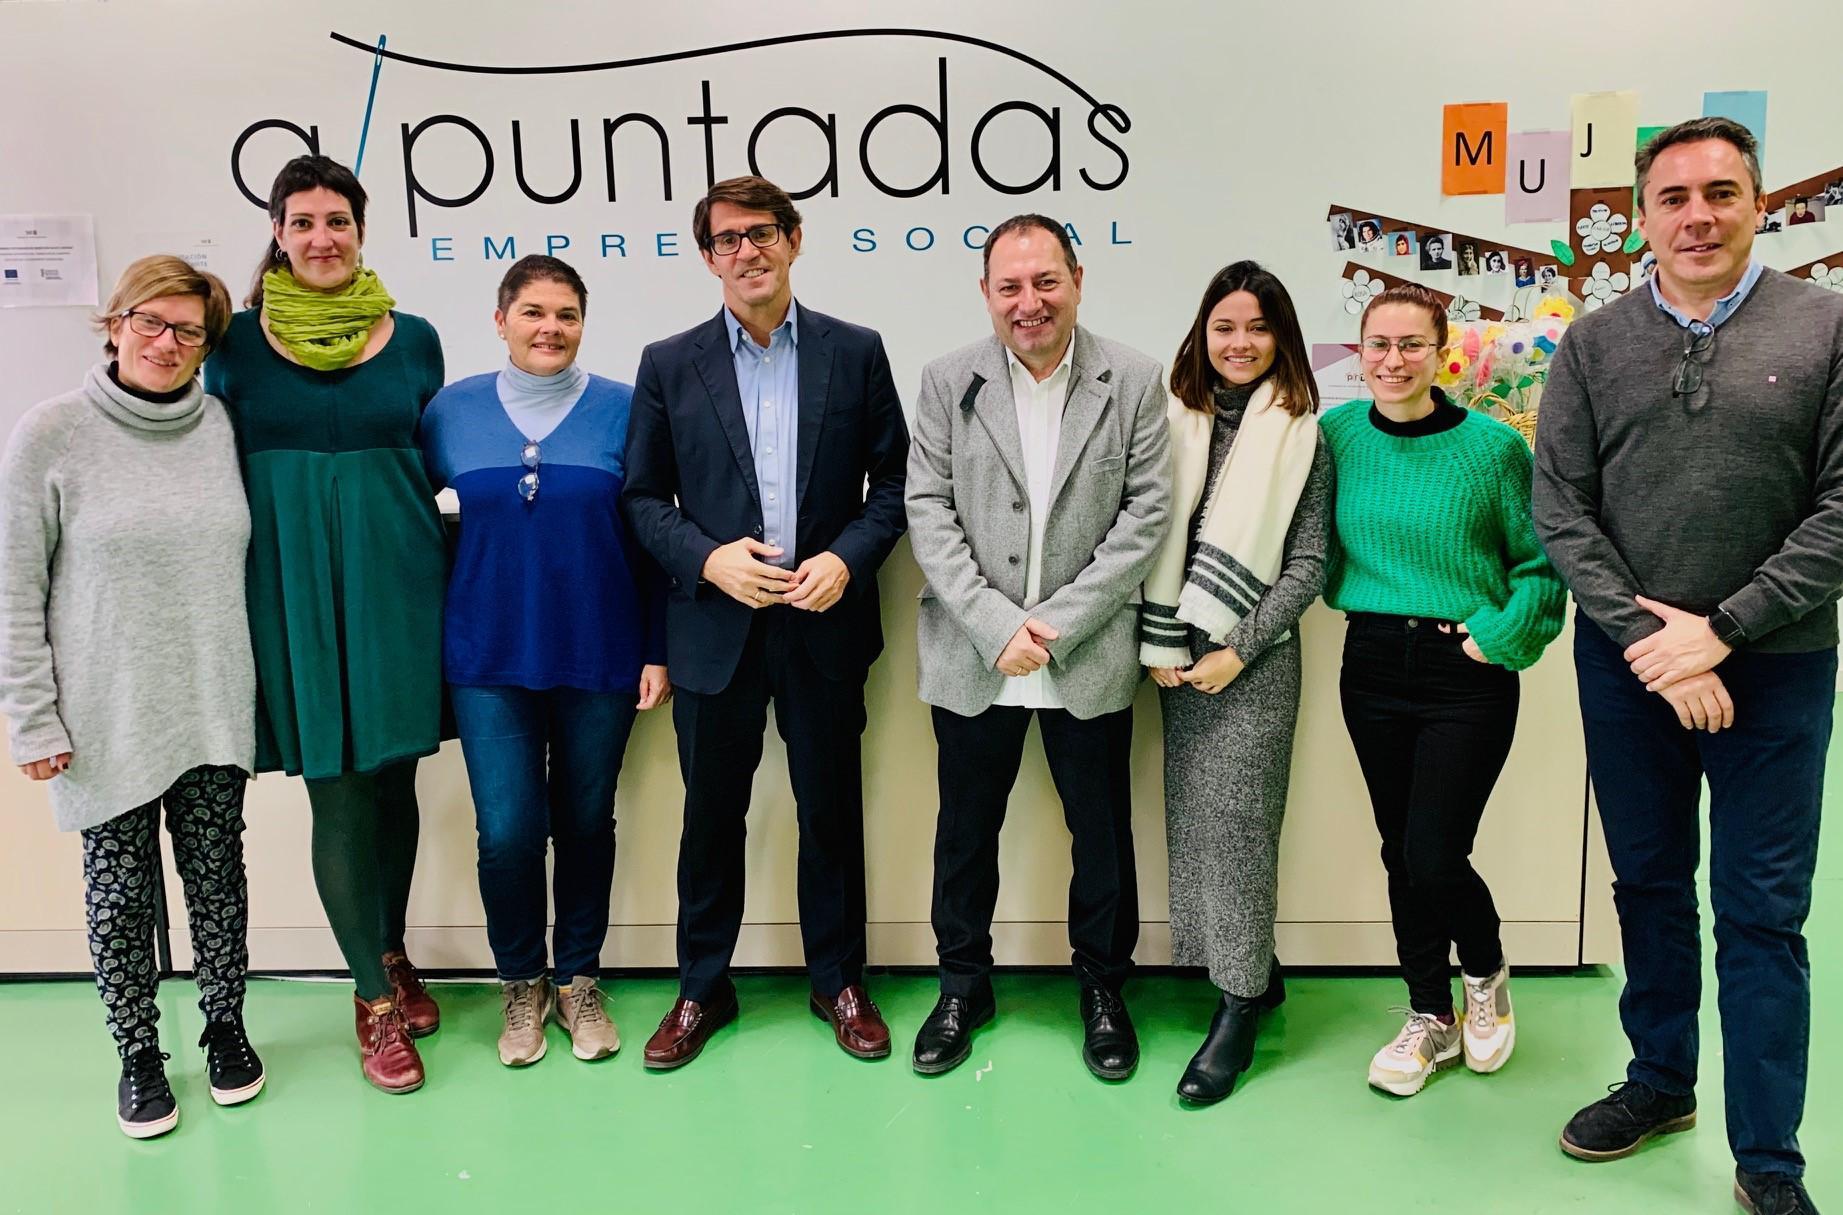 El diputado de Cooperación y Voluntariado visita la firma de confección textil A Puntadas